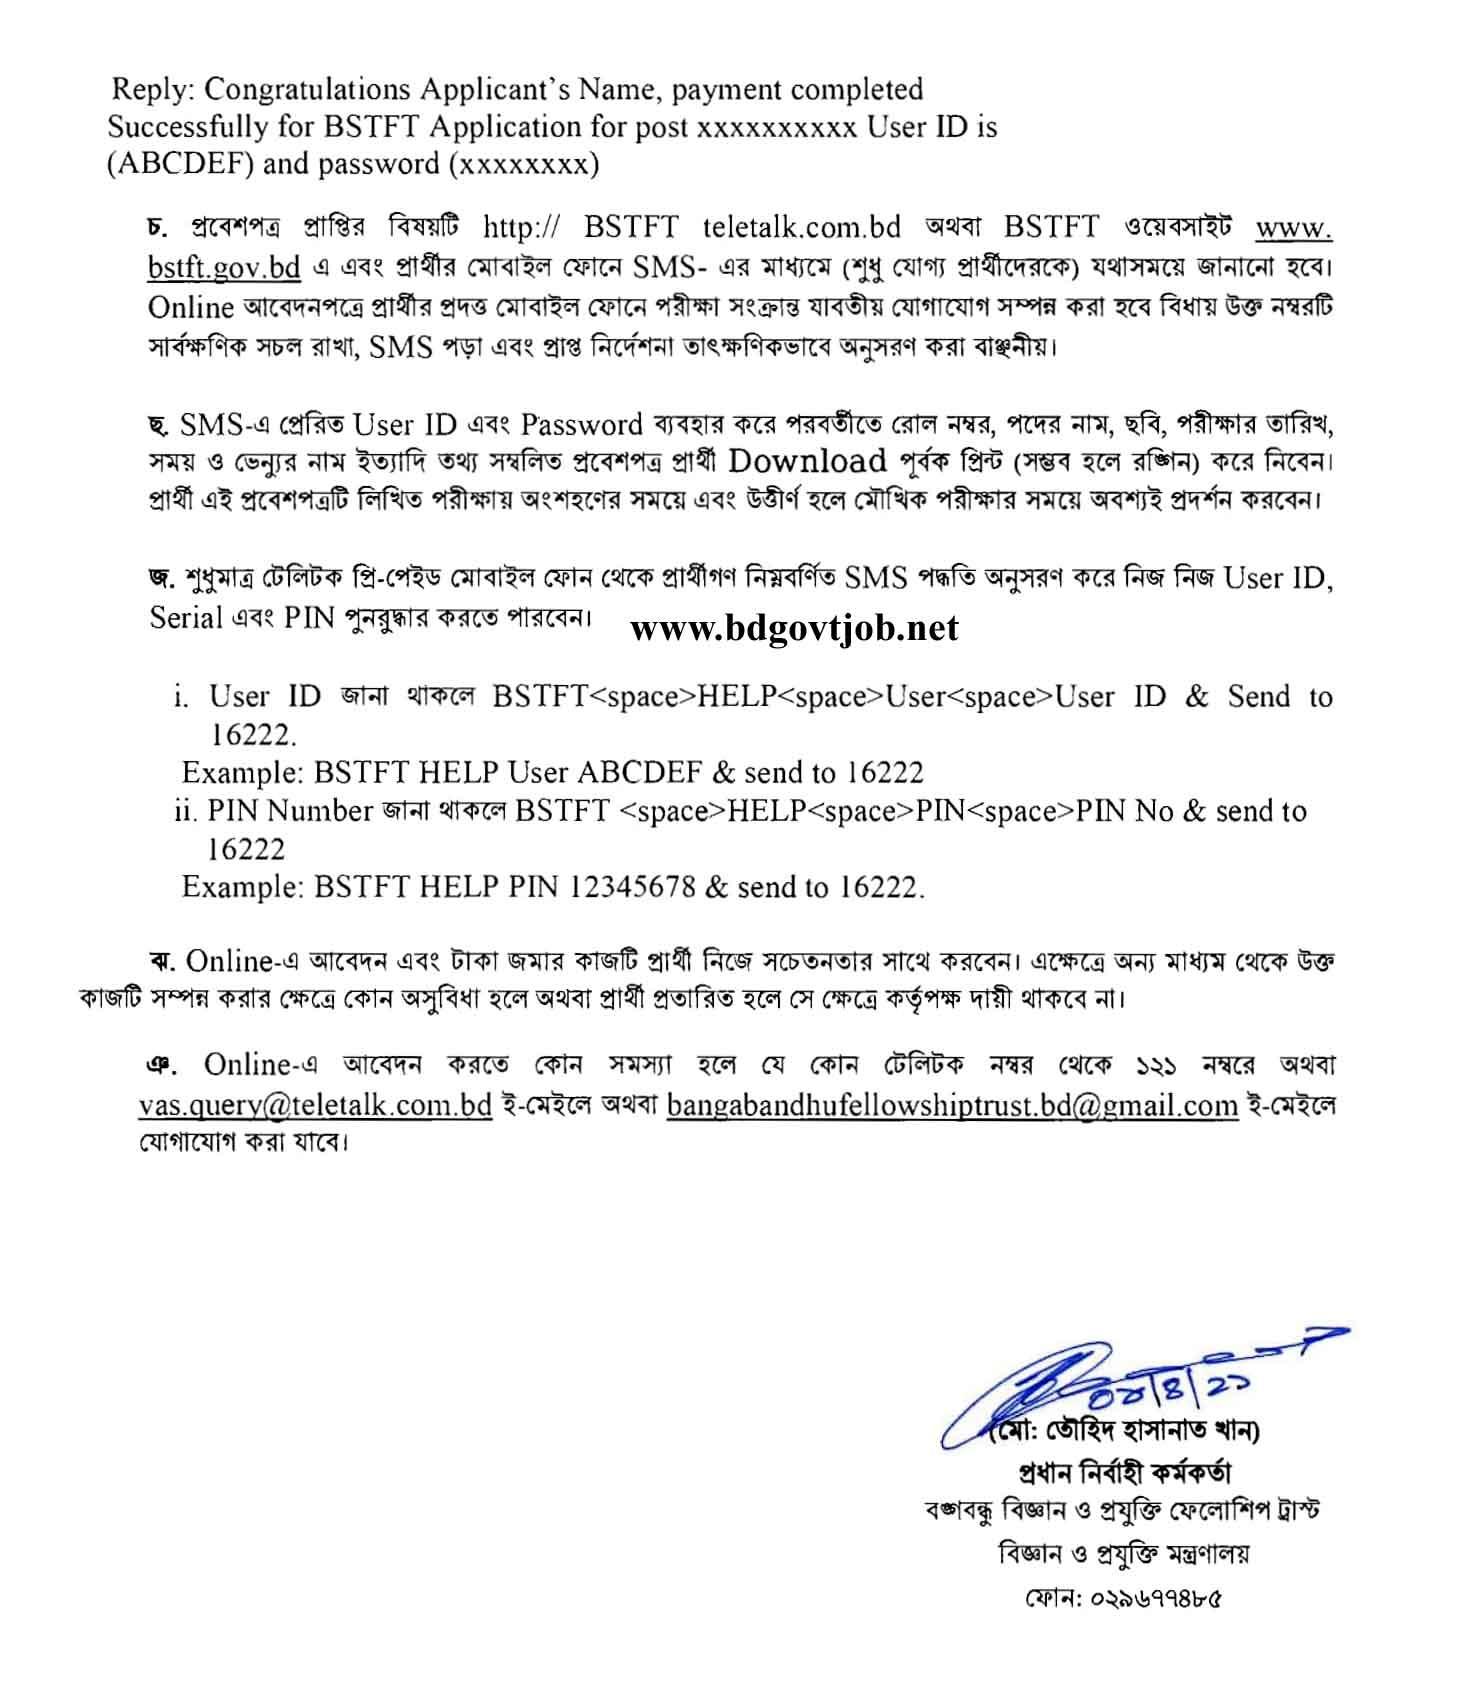 bstft.teletalk.com.bd